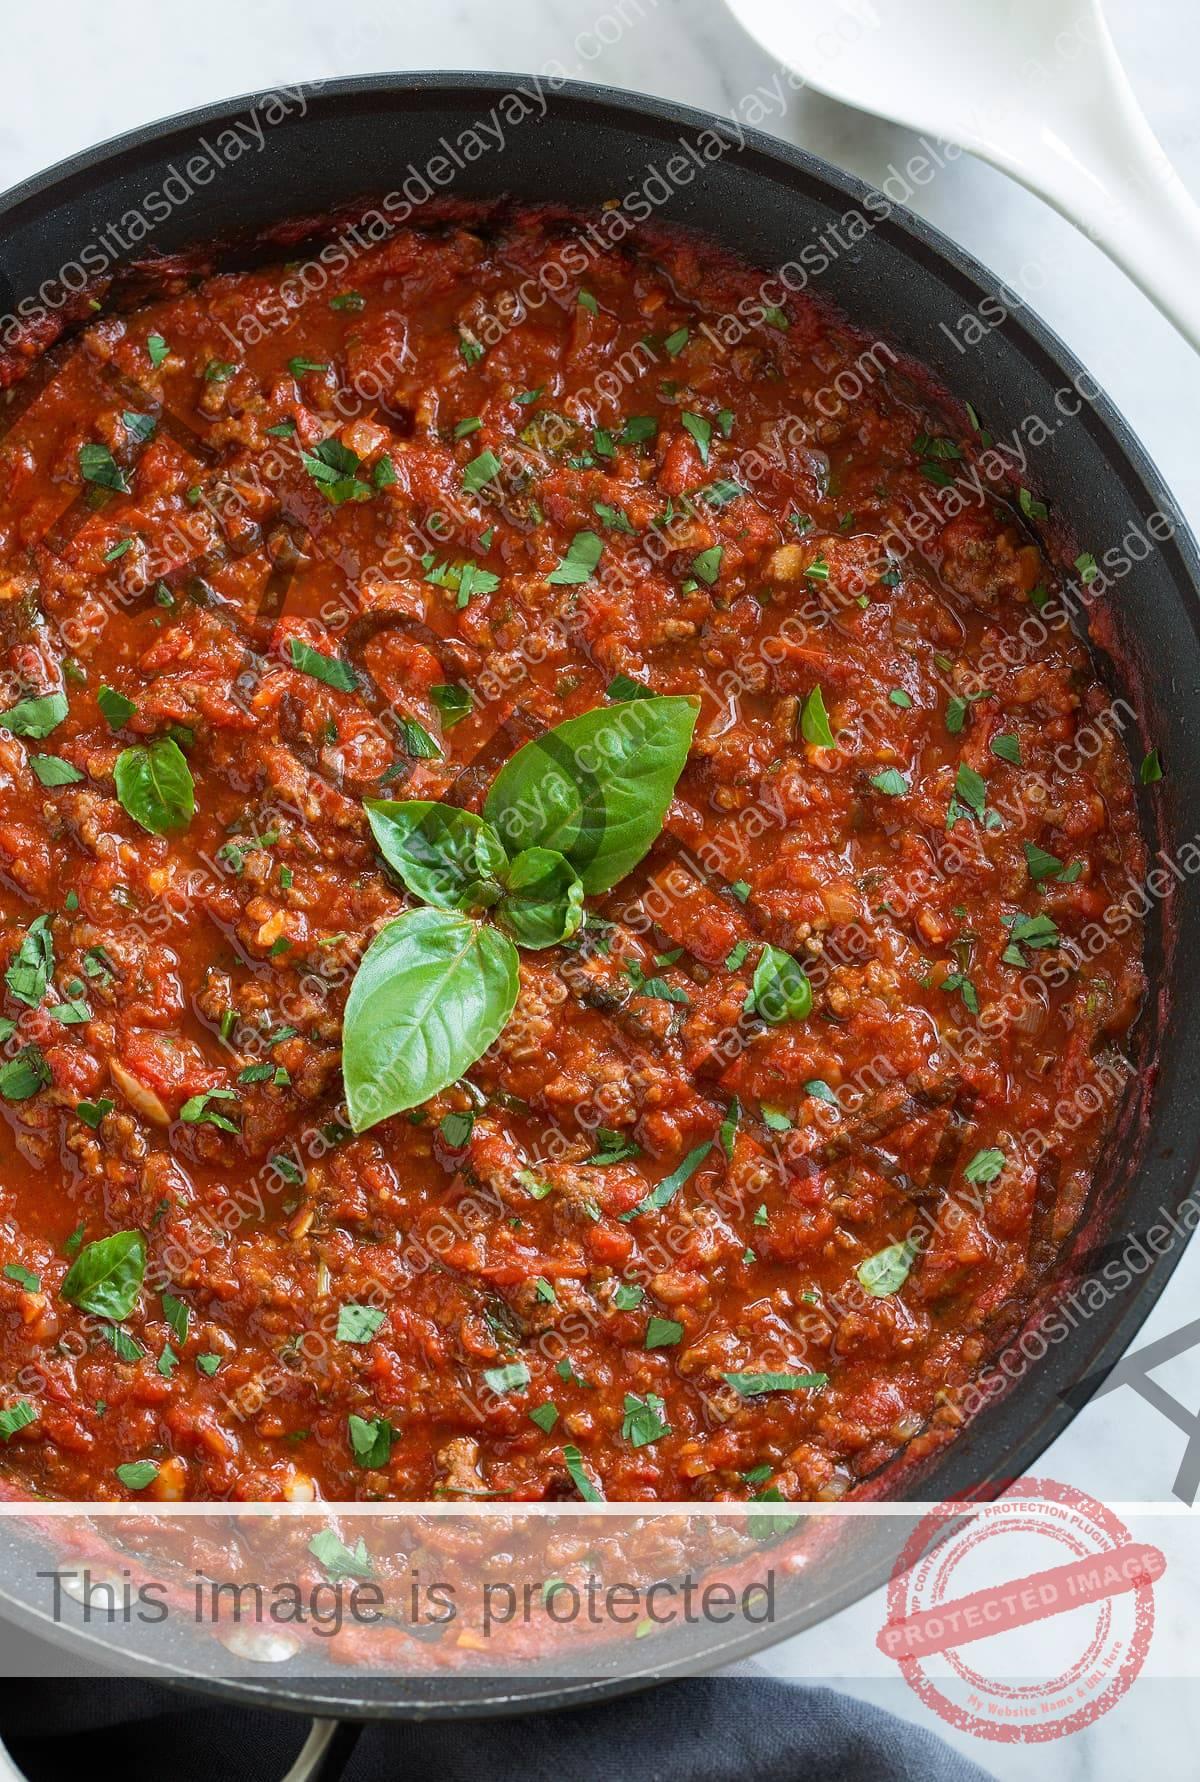 Arriba, imagen aproximada de la mejor salsa para espaguetis desde cero en una sartén con hojas de albahaca en el centro.